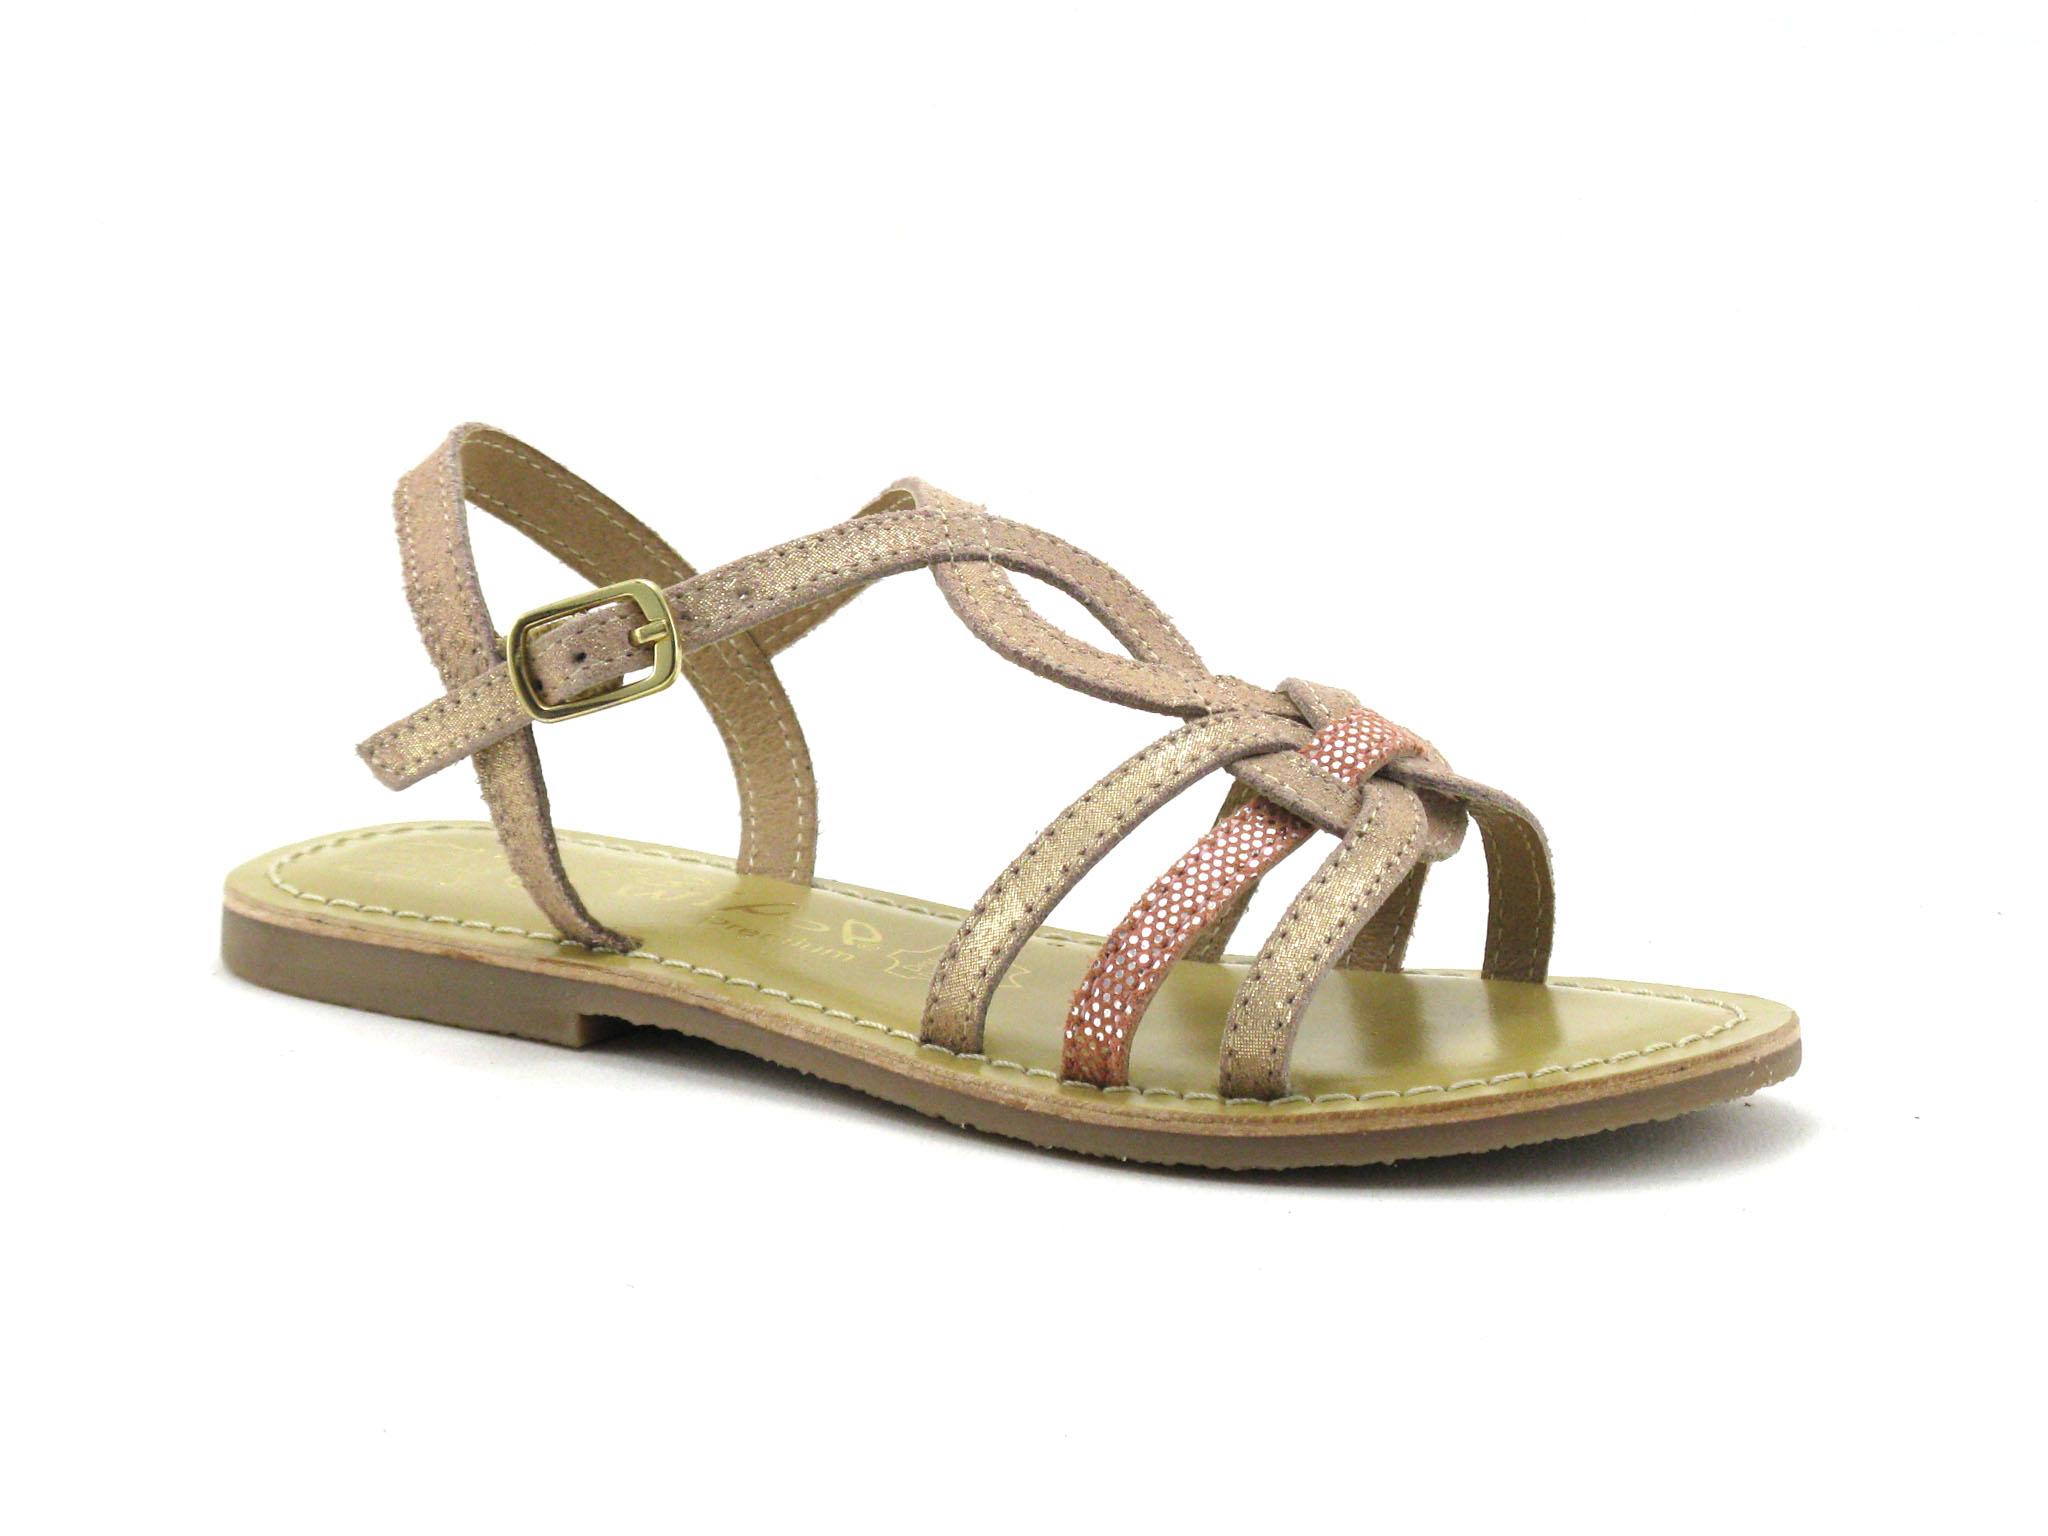 Achat chaussures Fabiolas Femme Bout fermé, vente Fabiolas